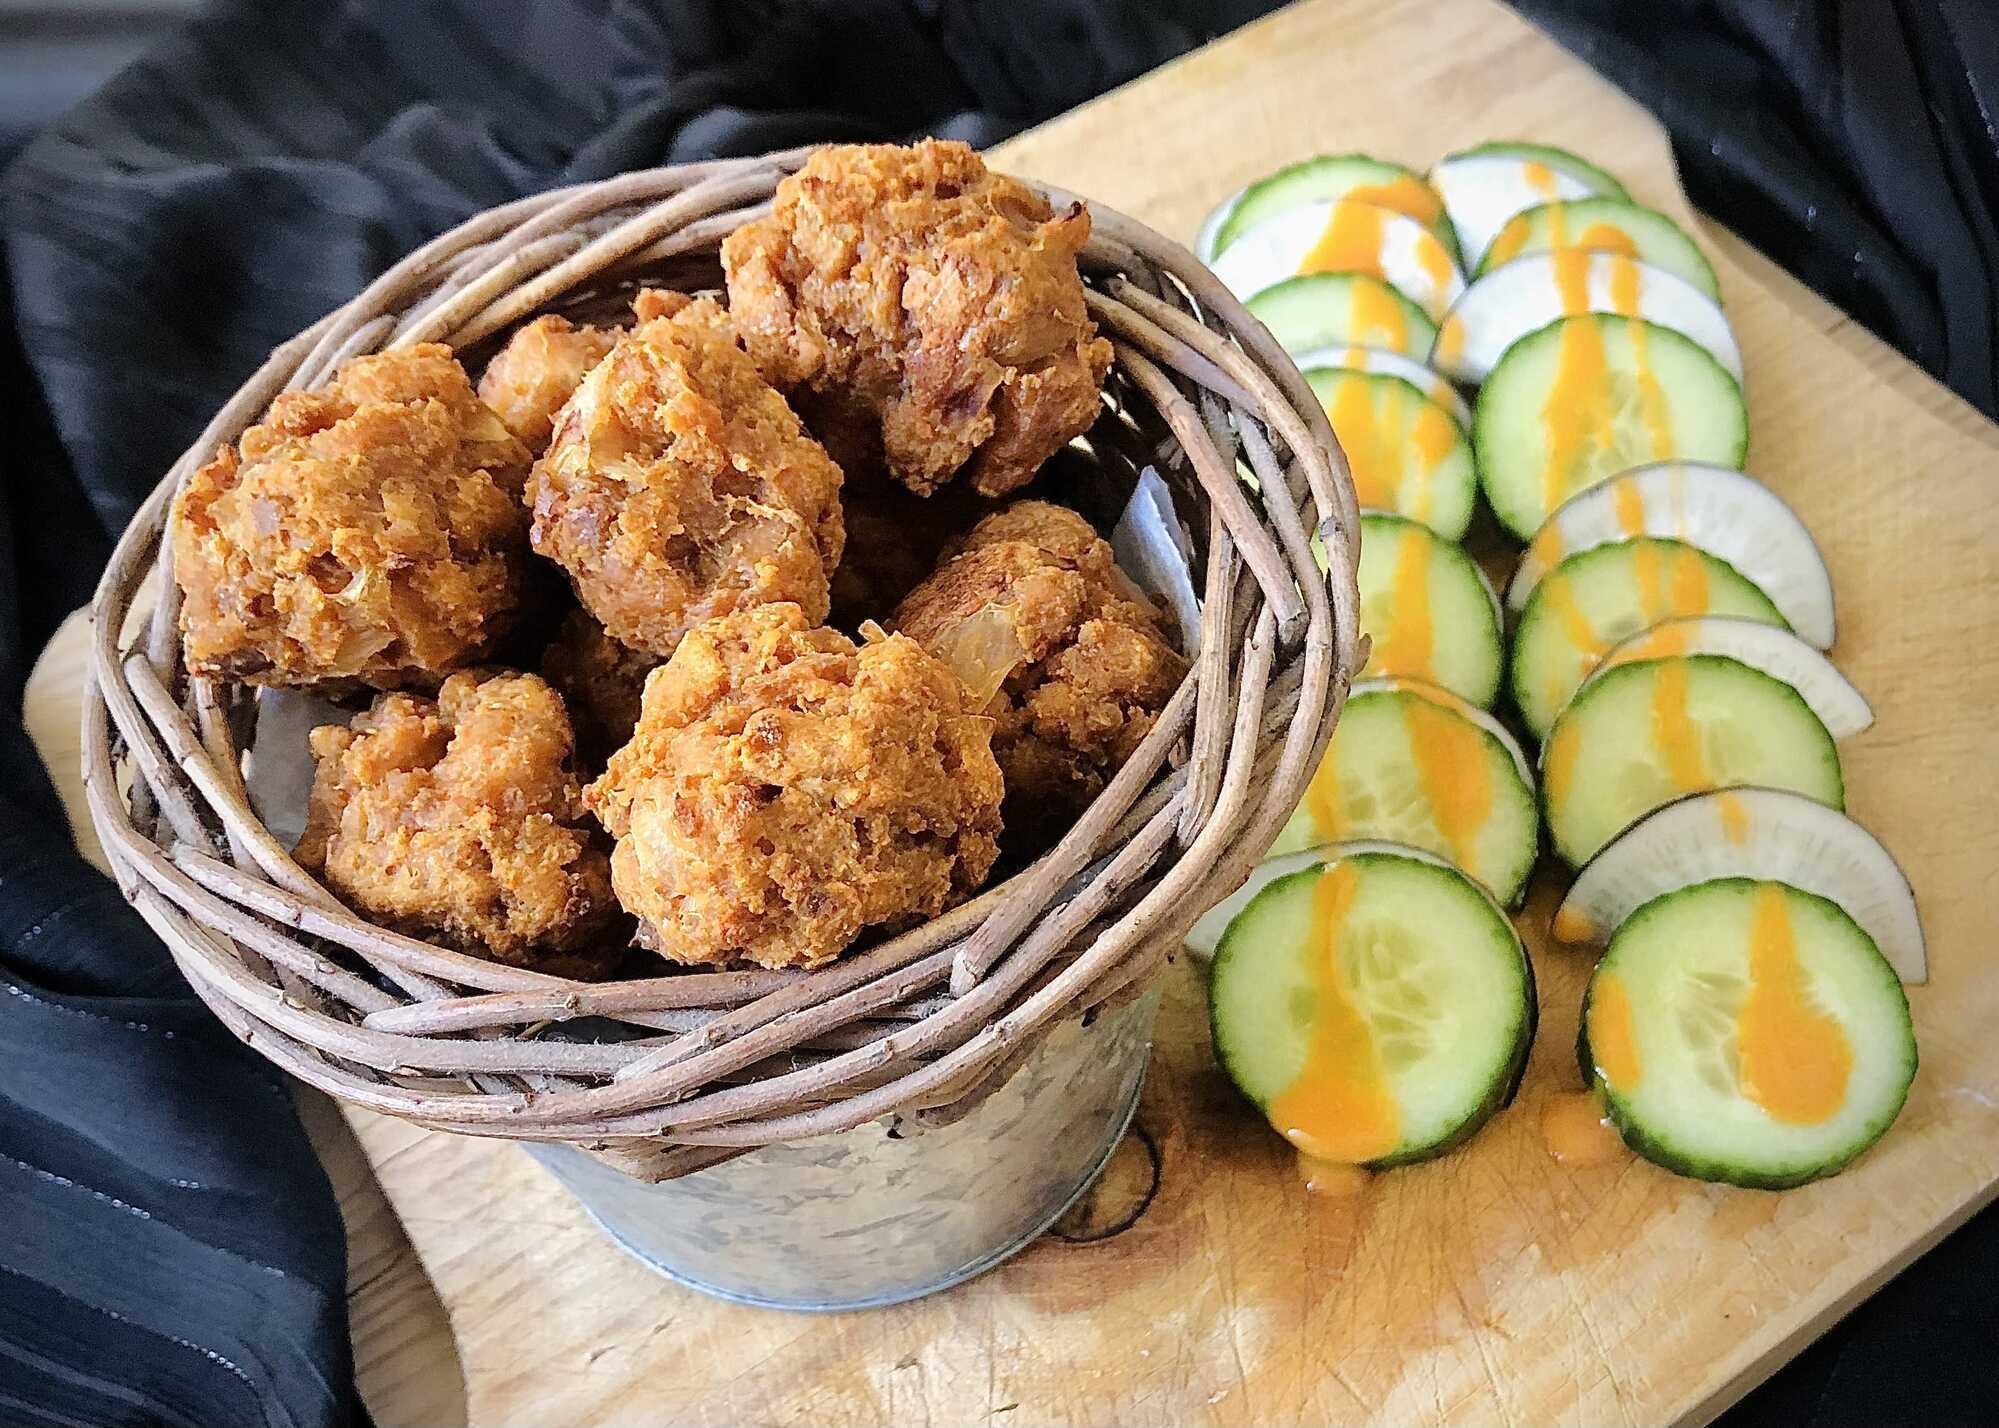 Dans un gros bol, les boulettes de tofu sont dorées par la cuisson. A coté de fines tranches de concombres sont disposées.